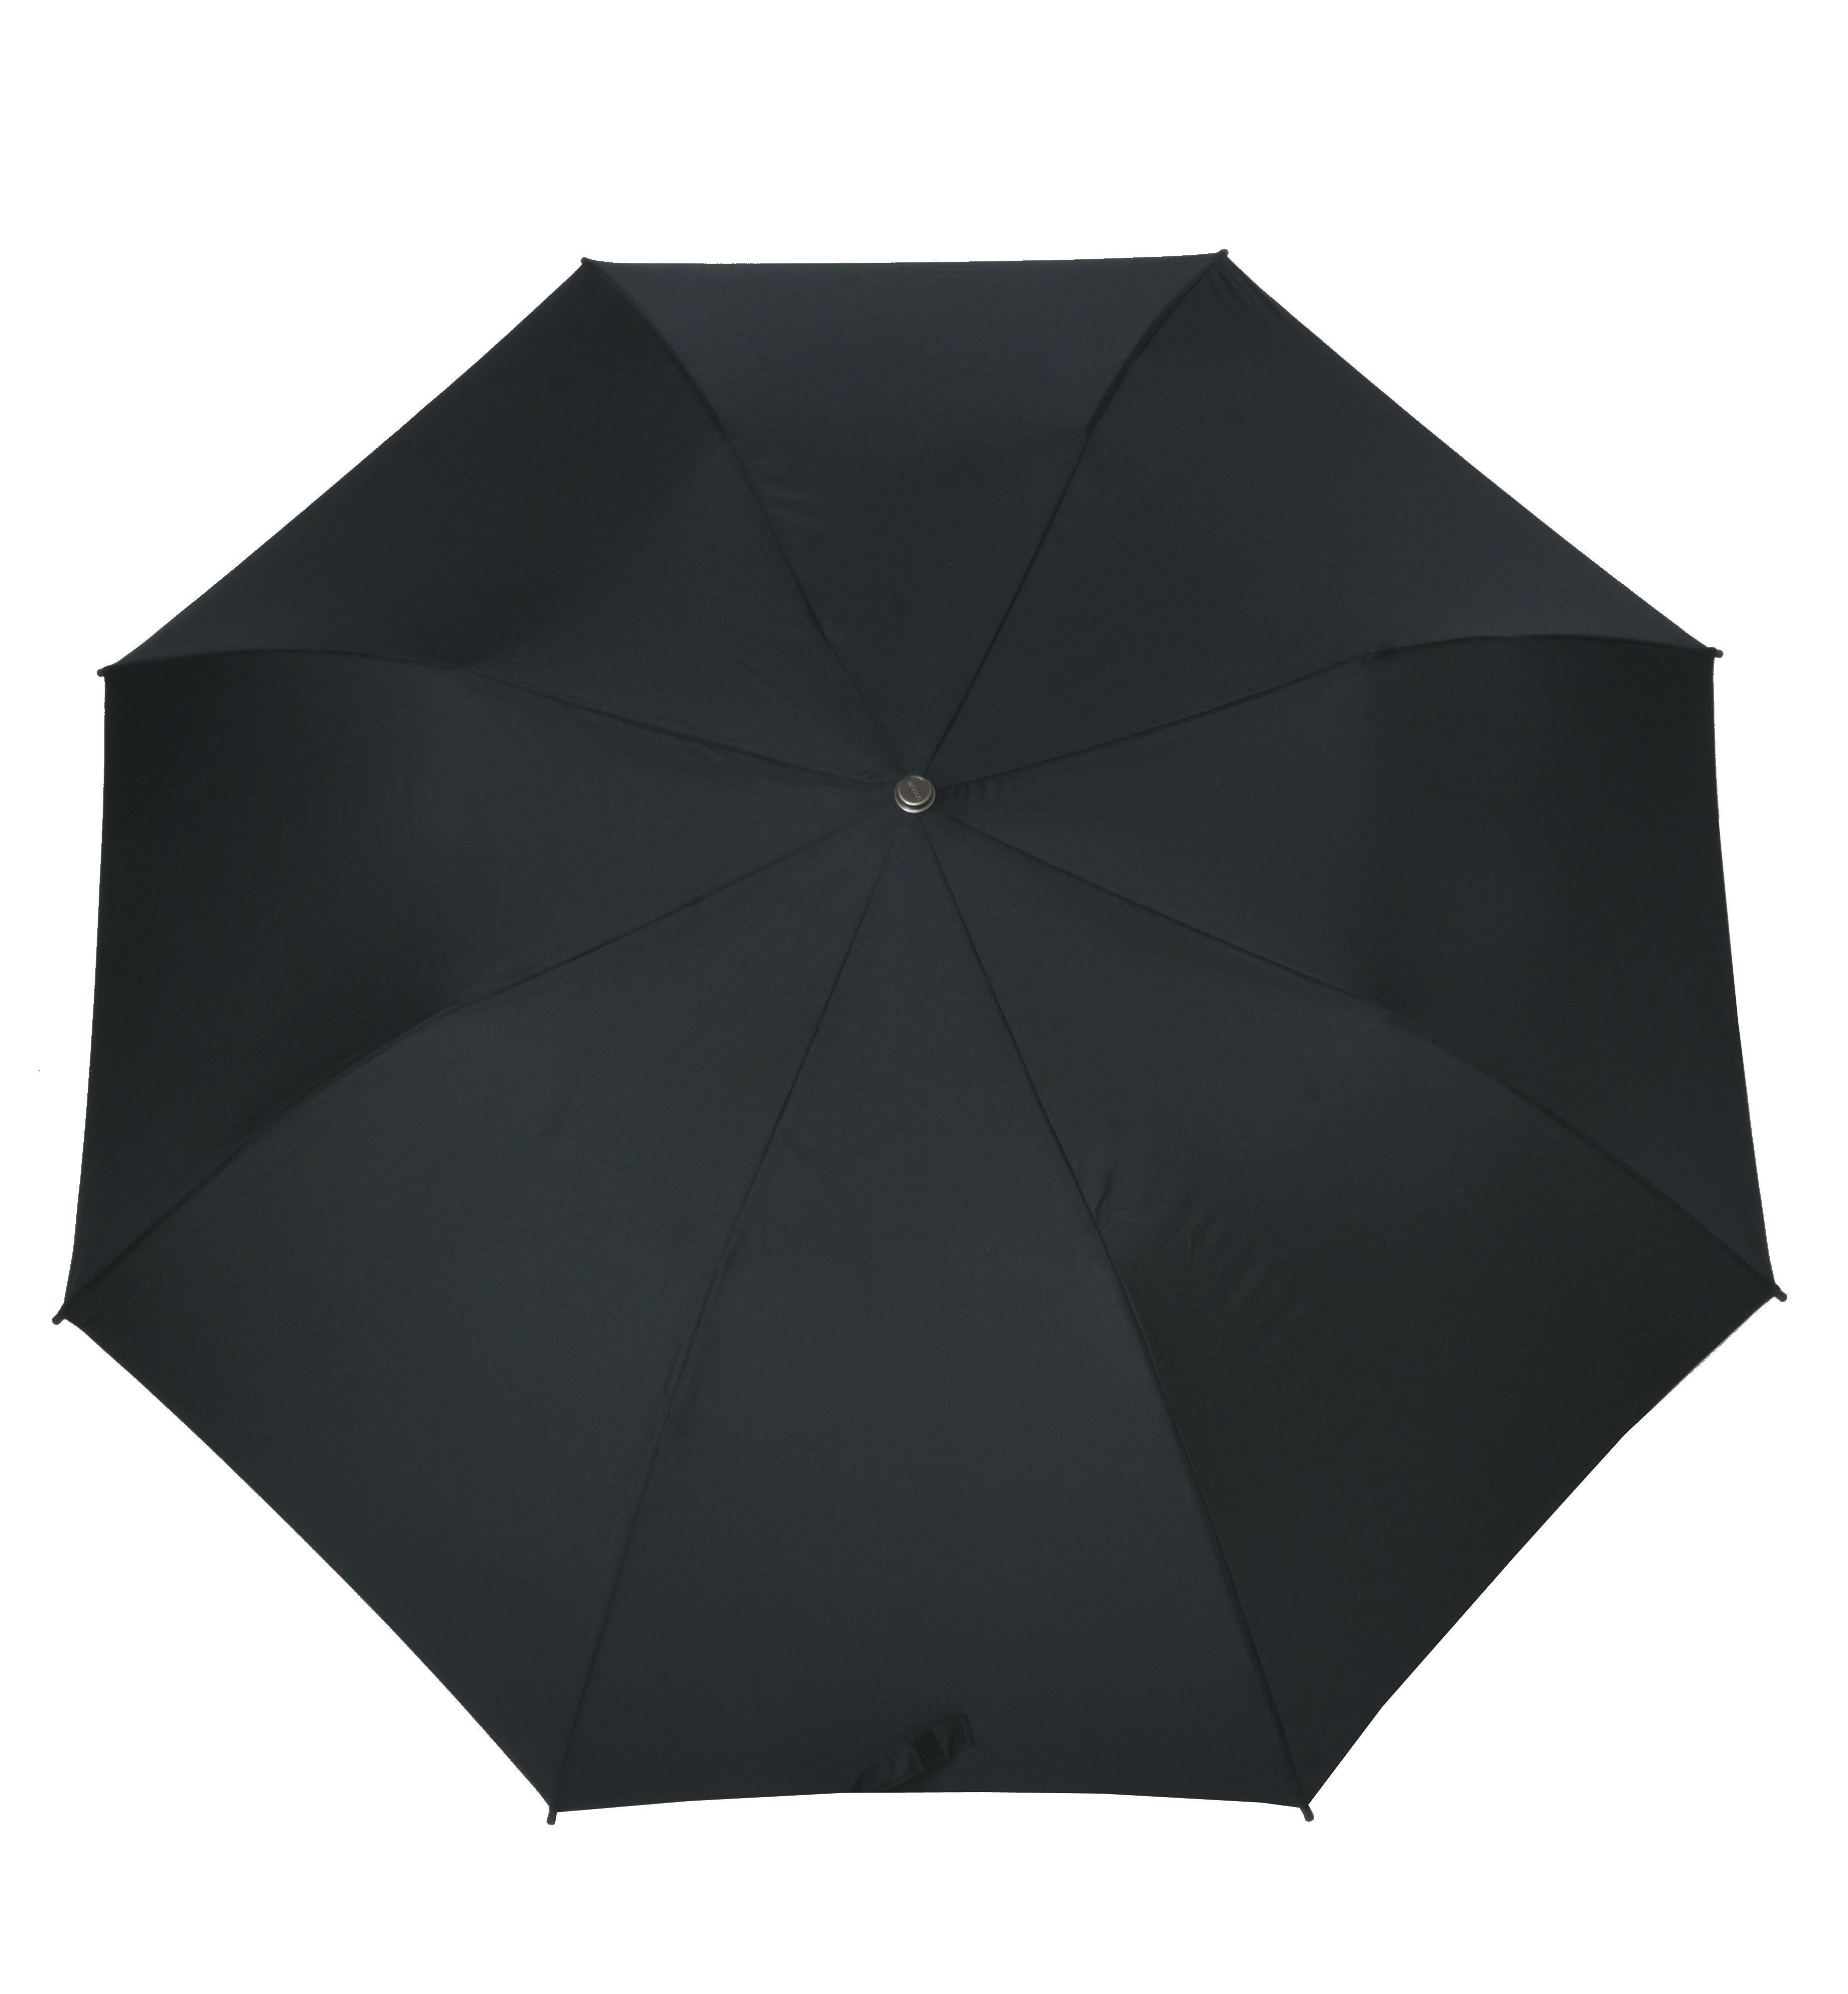 Doppler Regenschirm, Taschenschirm, »Magic Fiber«